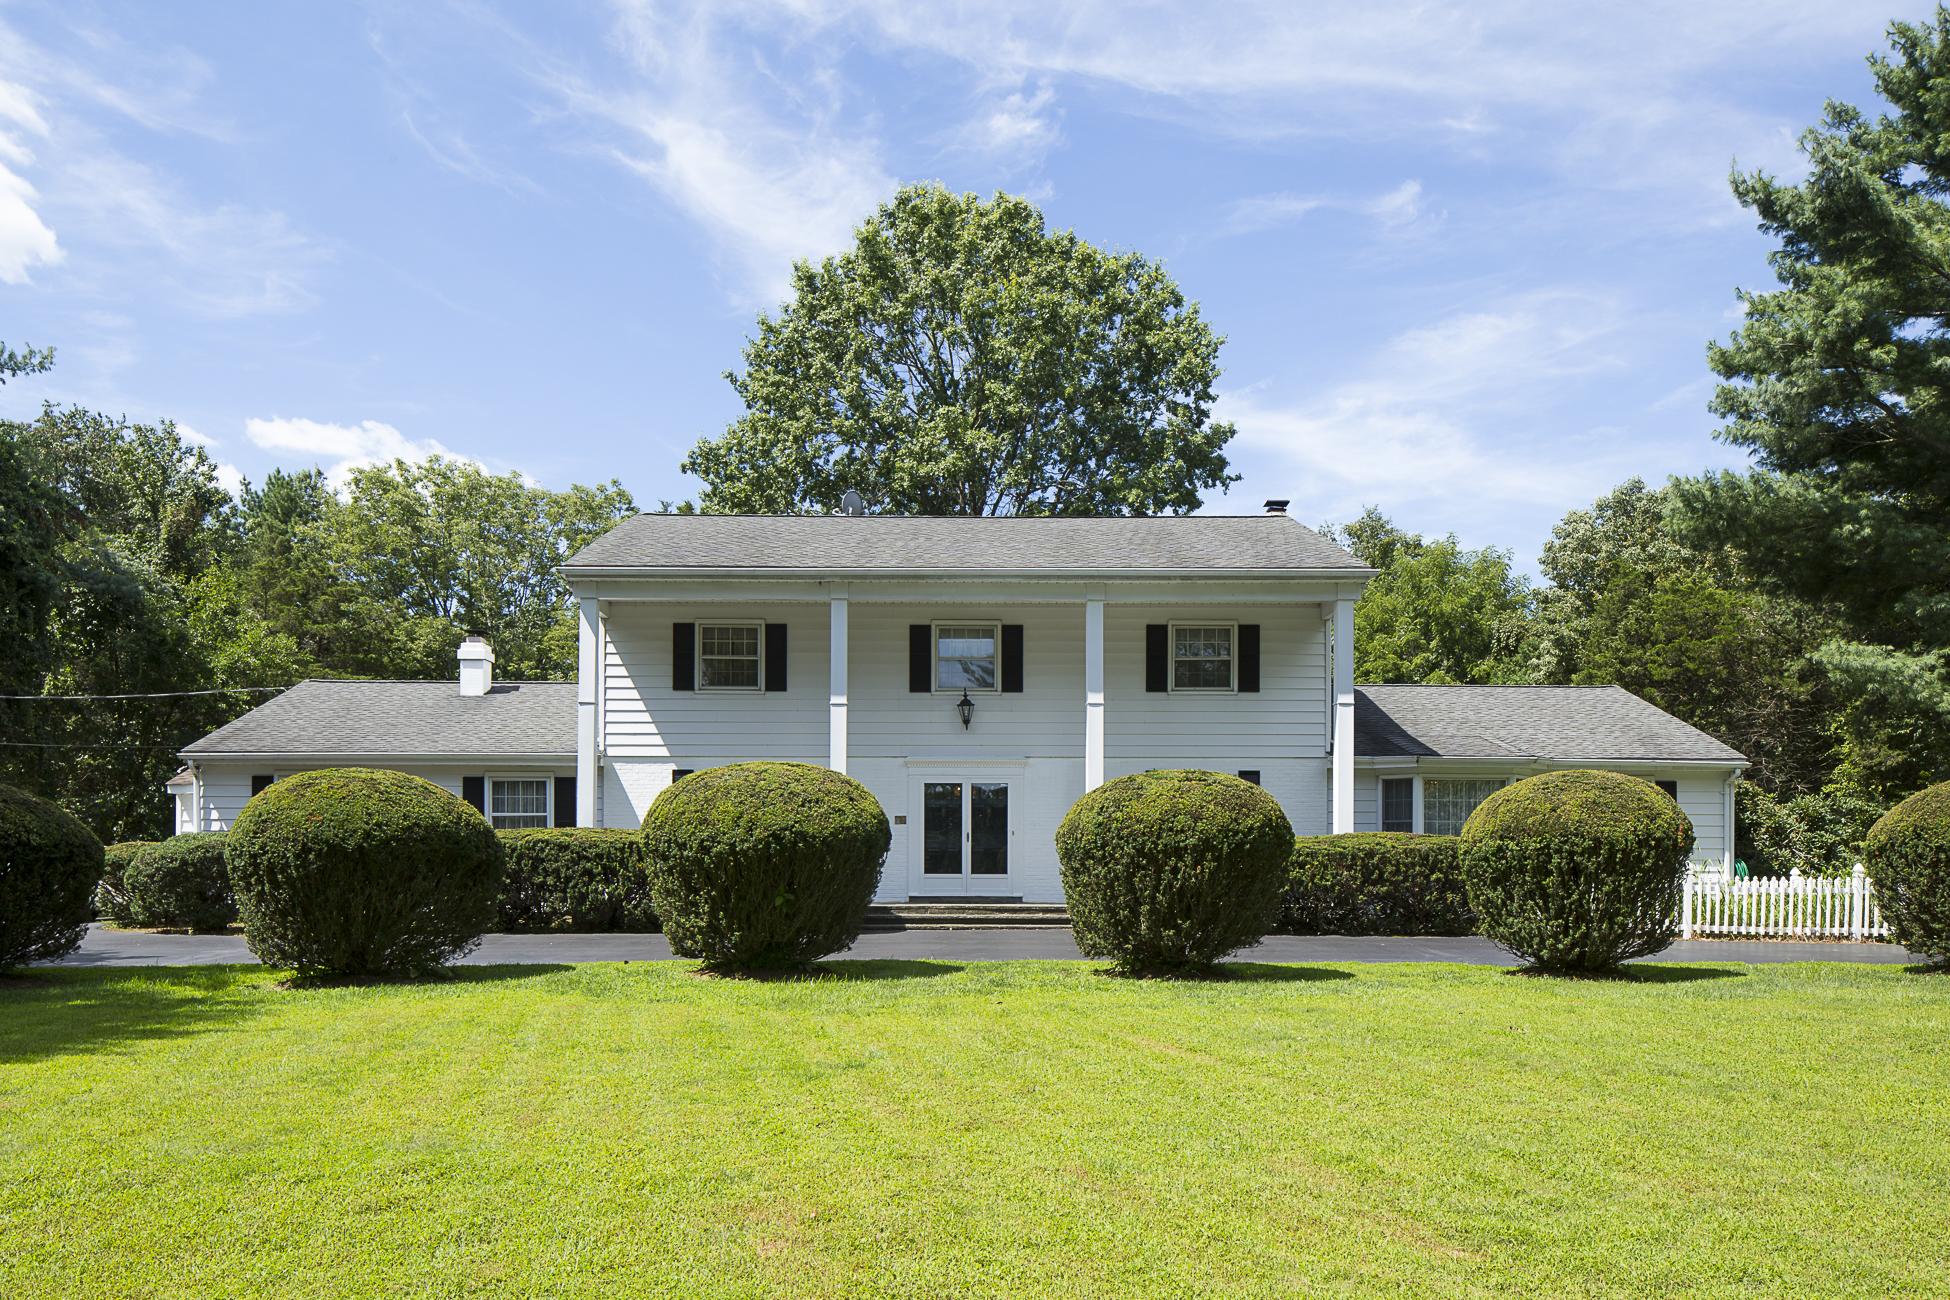 独户住宅 为 销售 在 Elegant and Timeless - Lawrence Township 89 Carter Road Princeton, 新泽西州 08540 美国